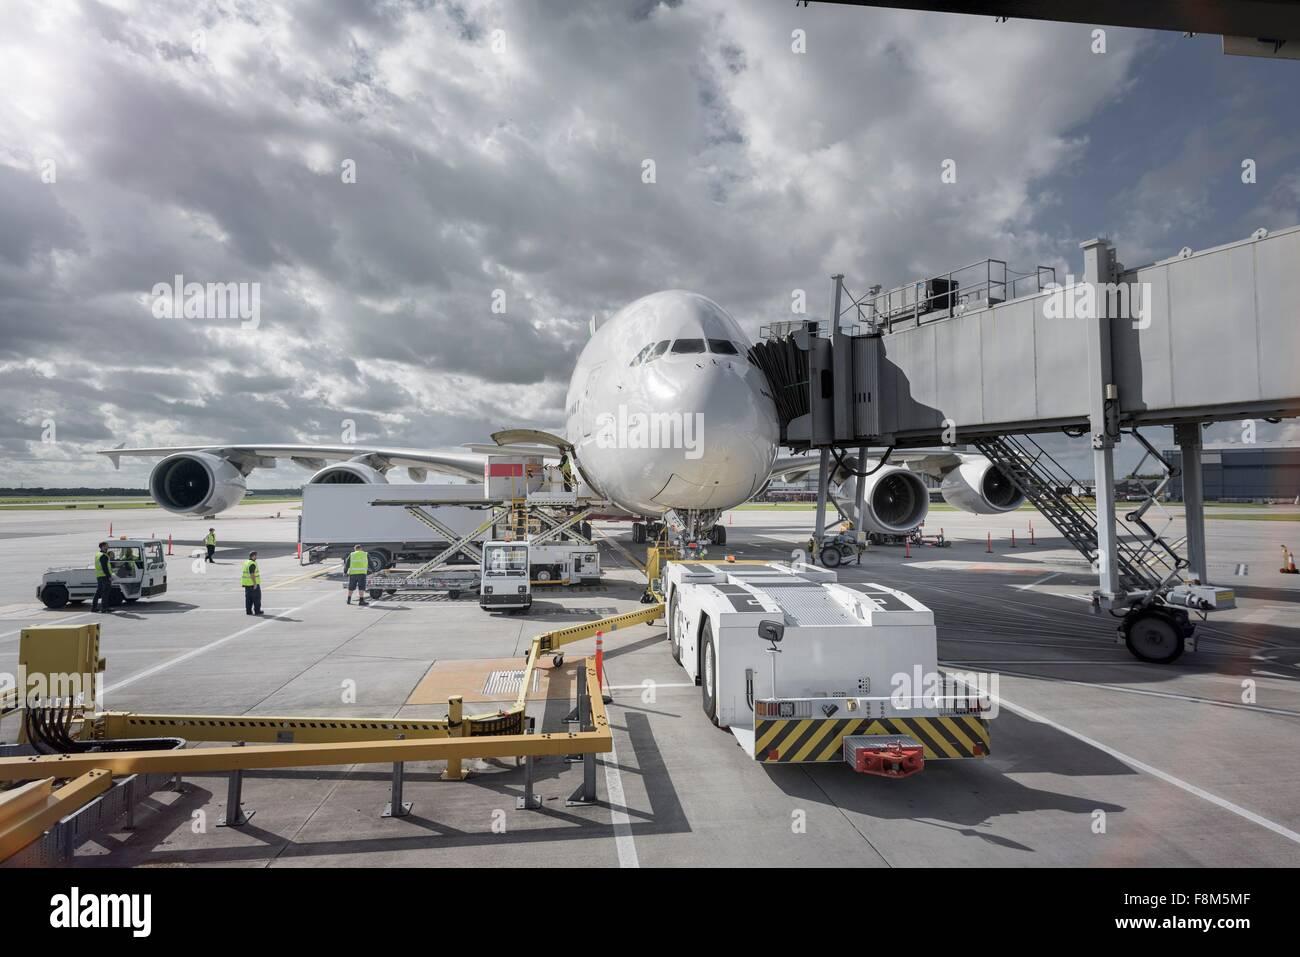 Un380 e tirare allo stand in aeroporto Immagini Stock